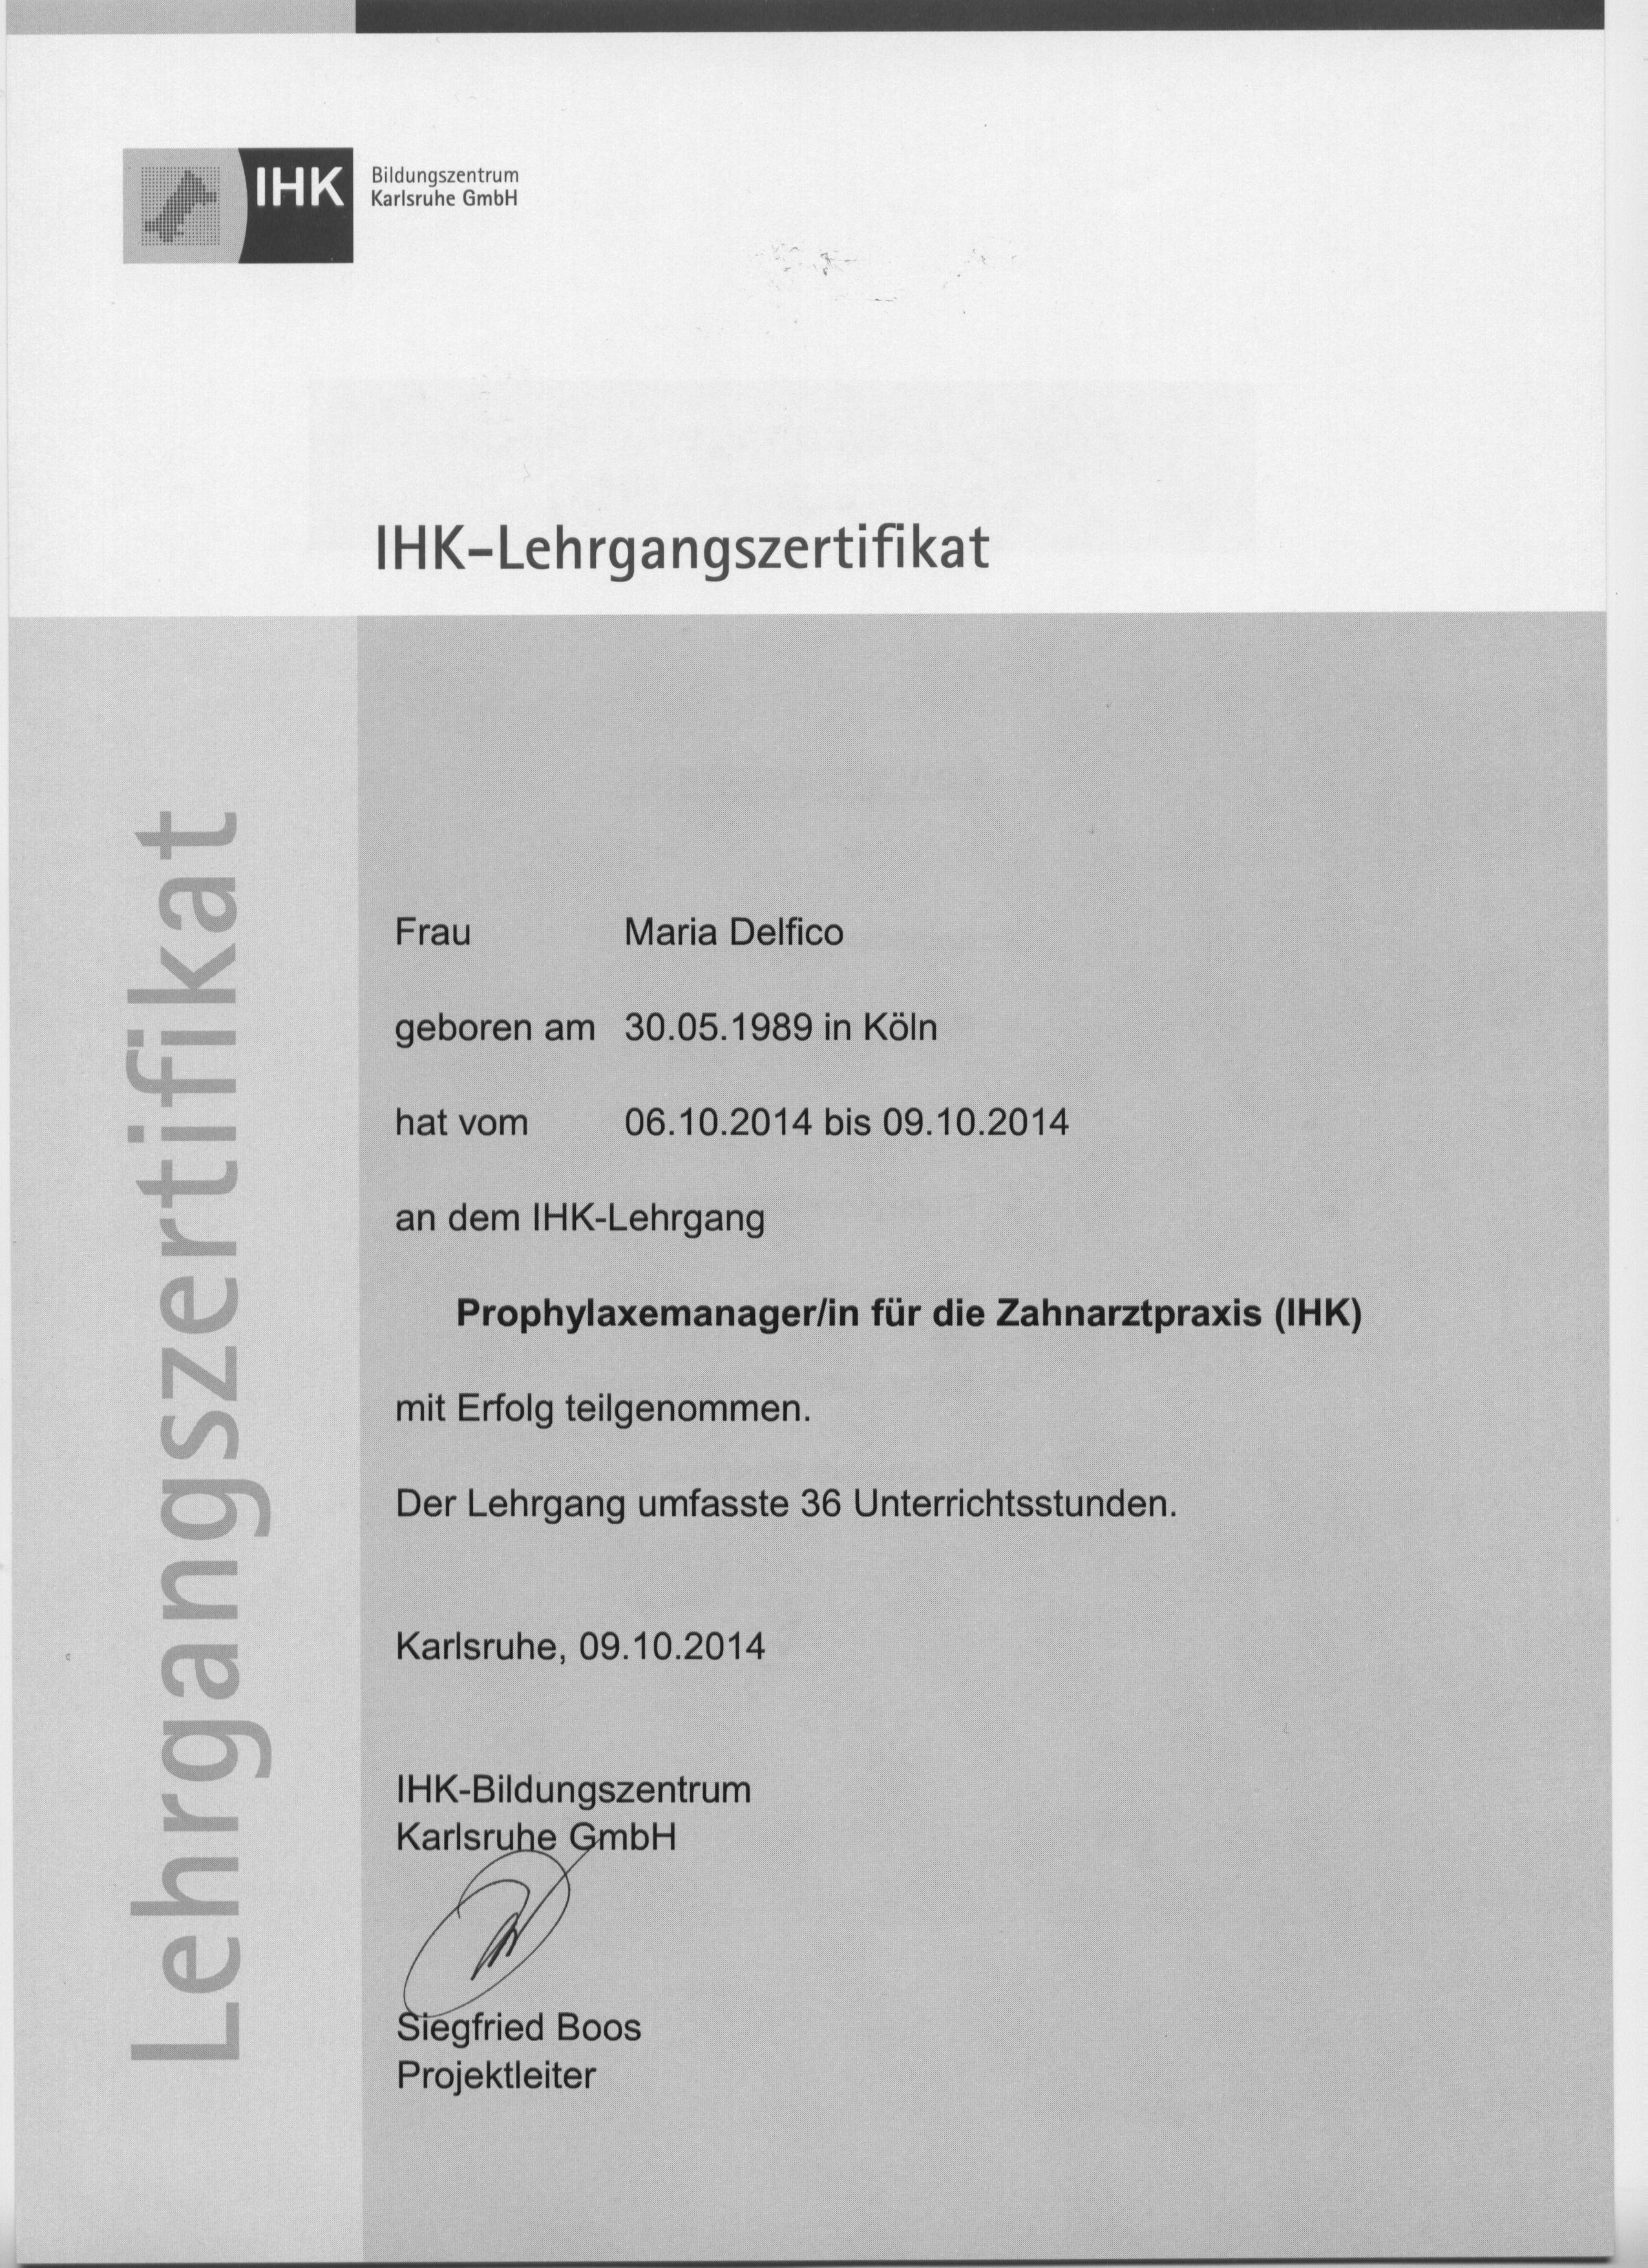 IHK Lehrgangszertifikat Maria Delfico 001